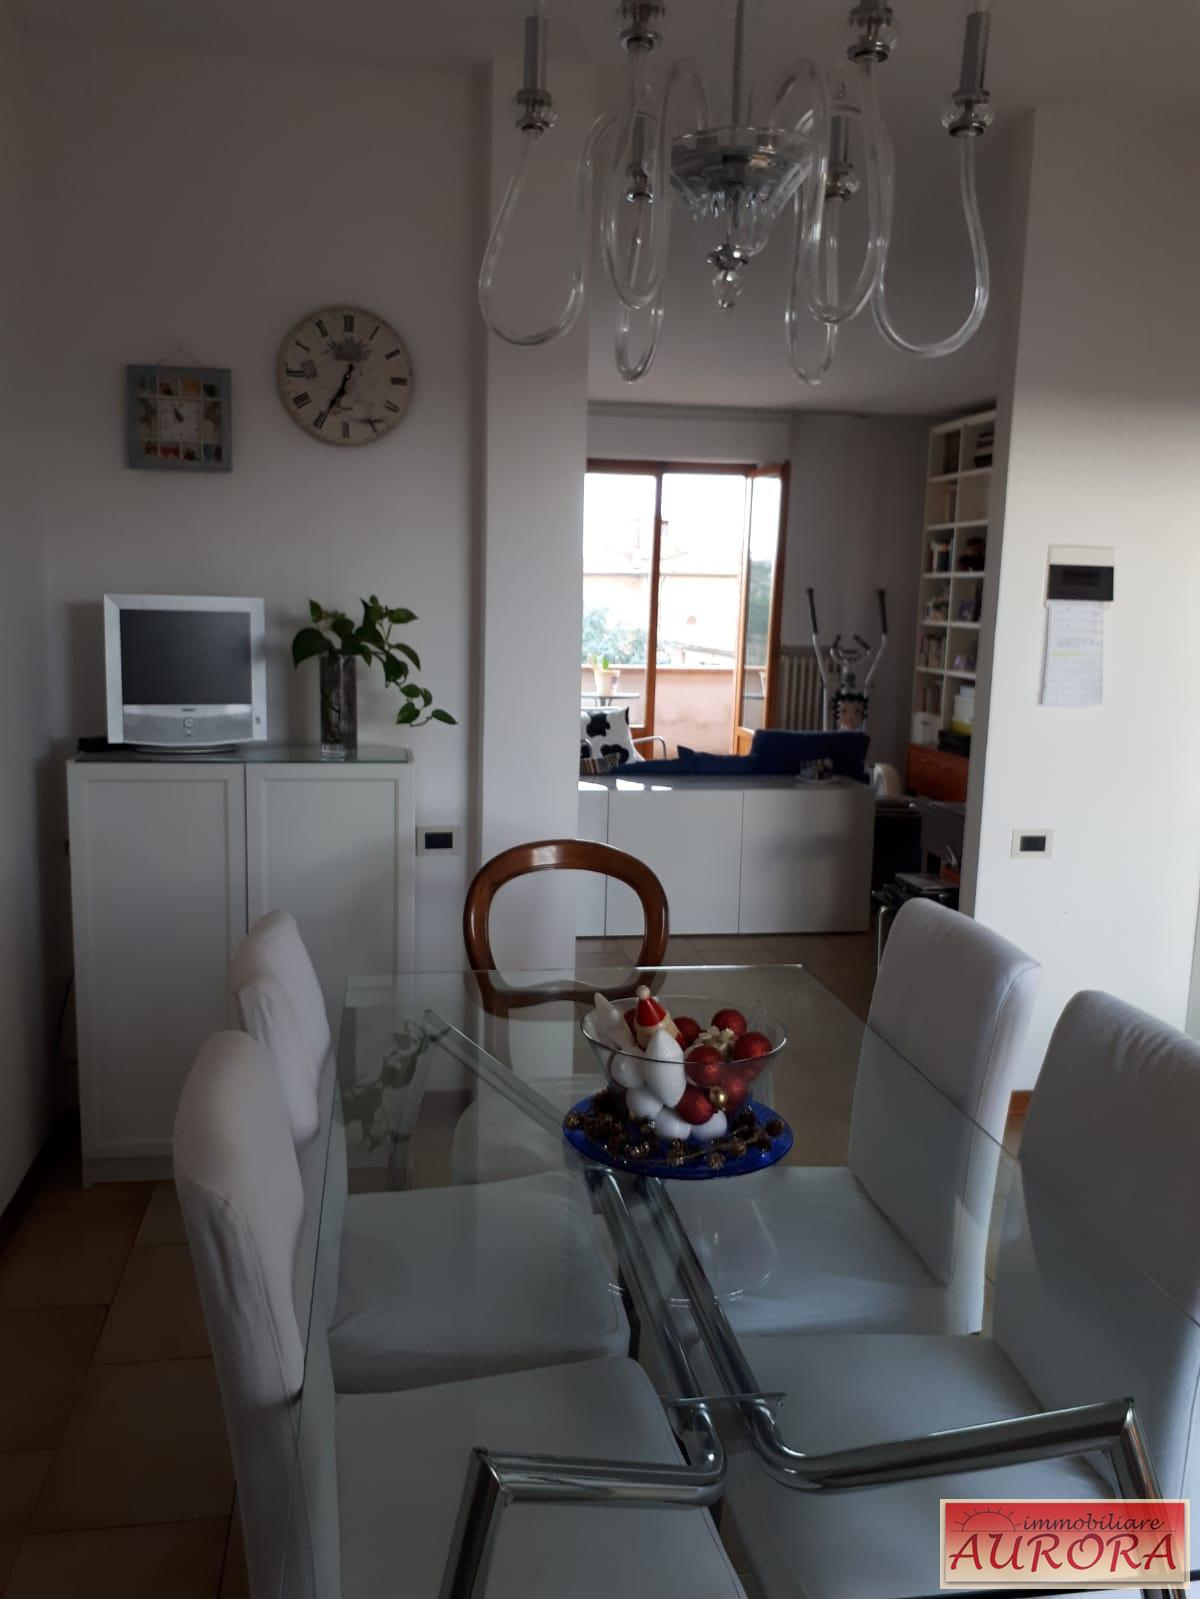 Appartamento in vendita a Poggibonsi, 4 locali, prezzo € 230.000 | PortaleAgenzieImmobiliari.it